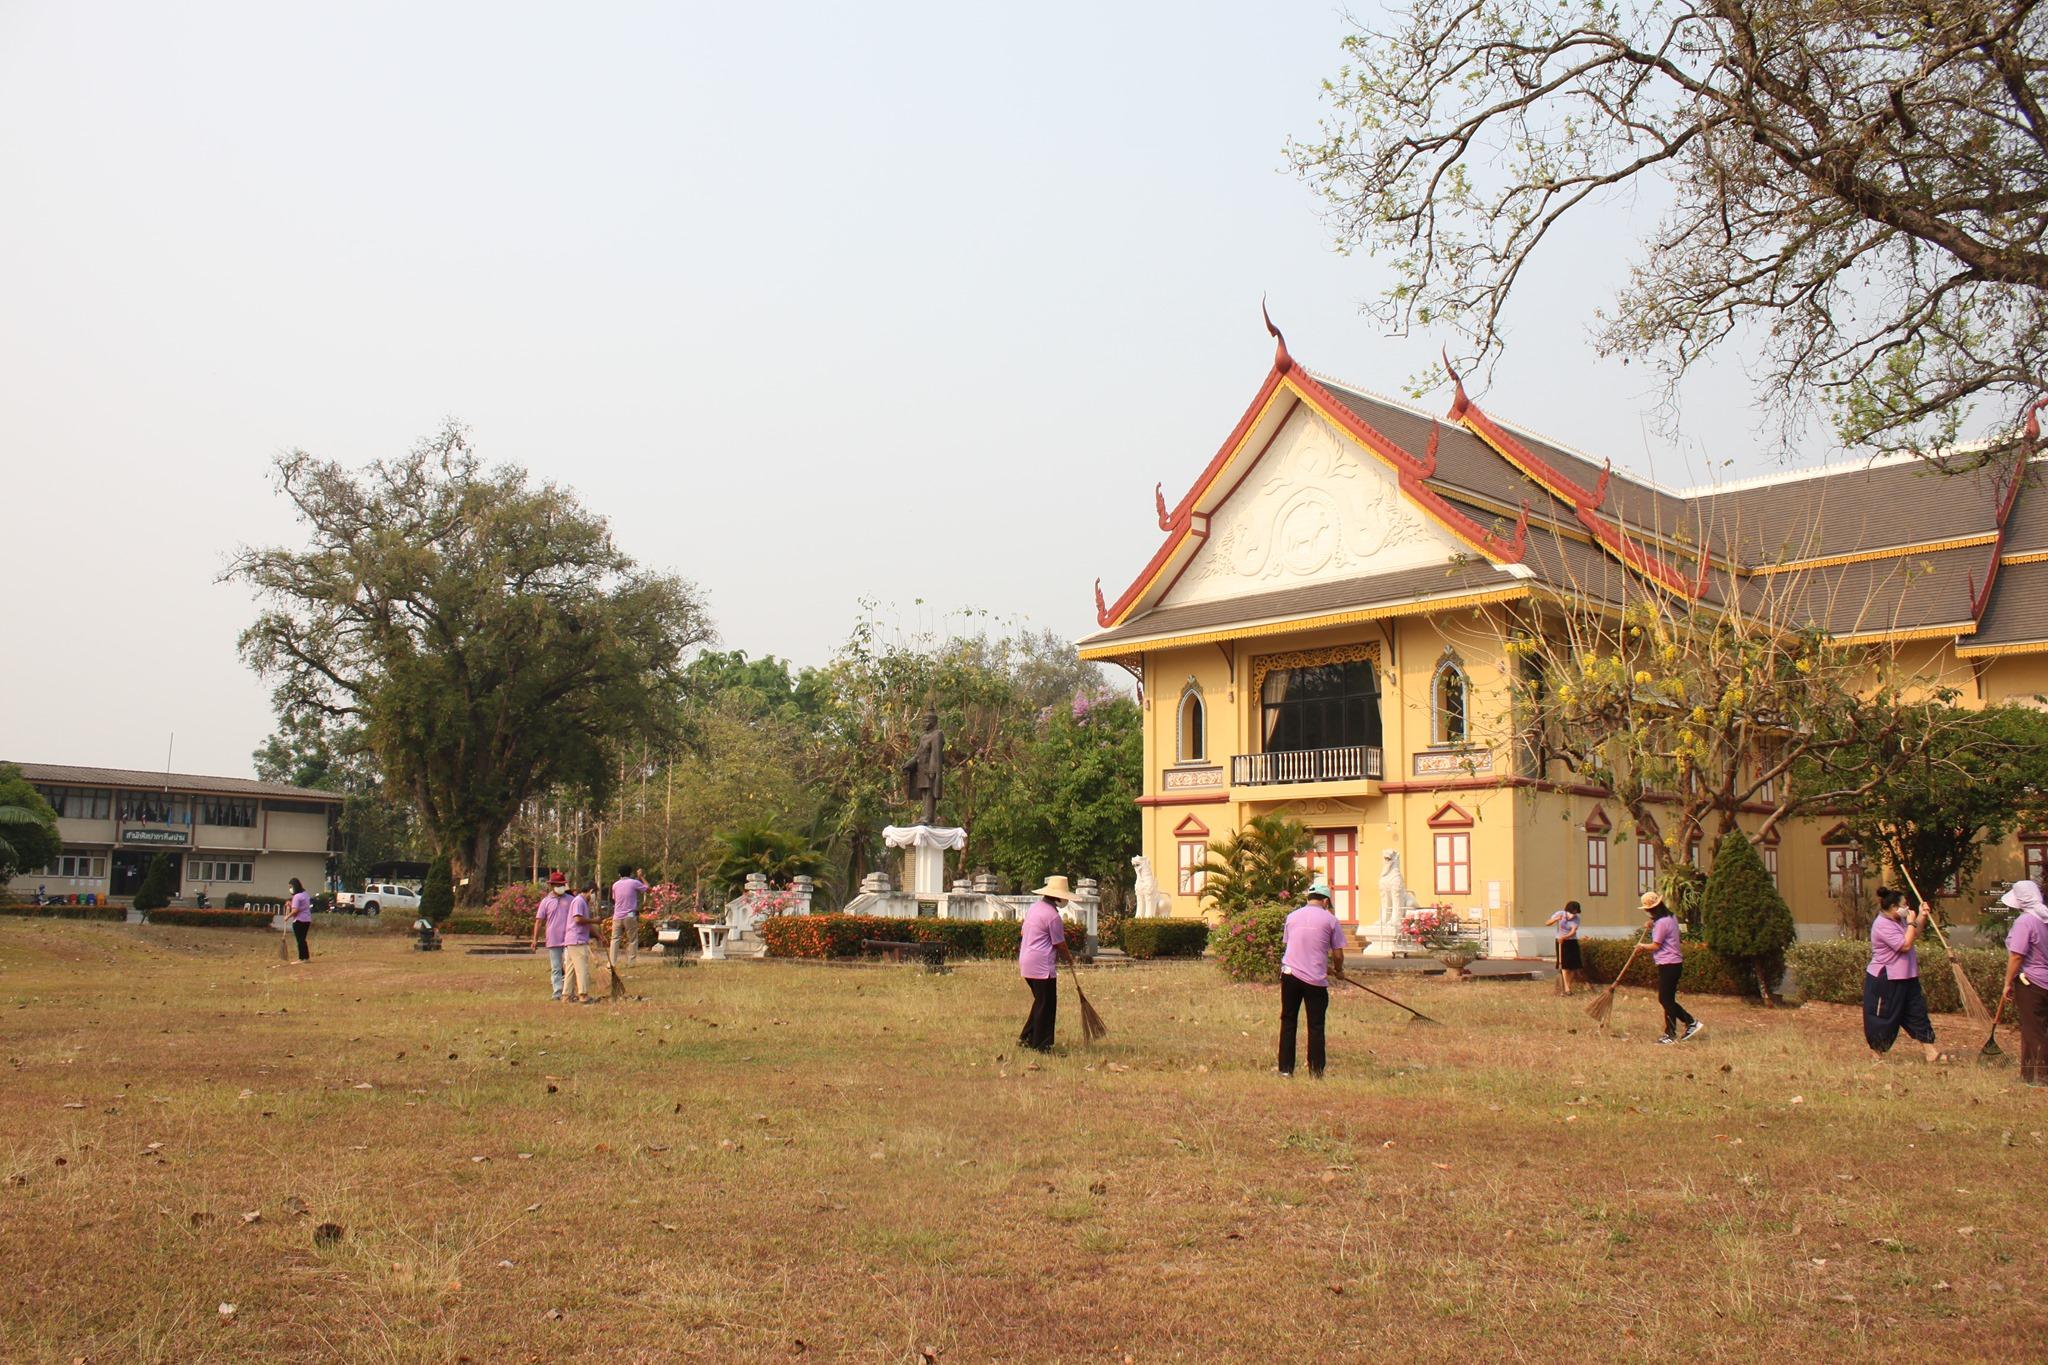 สำนักศิลปากรที่ 7 เชียงใหม่ สาขาน่าน   จัดกิจกรรมรณรงค์การดูแลรักษามรดกทางศิลปวัฒนธรรมของชาติ เนื่องในวันอนุรักษ์มรดกไทย พุทธศักราช 2563